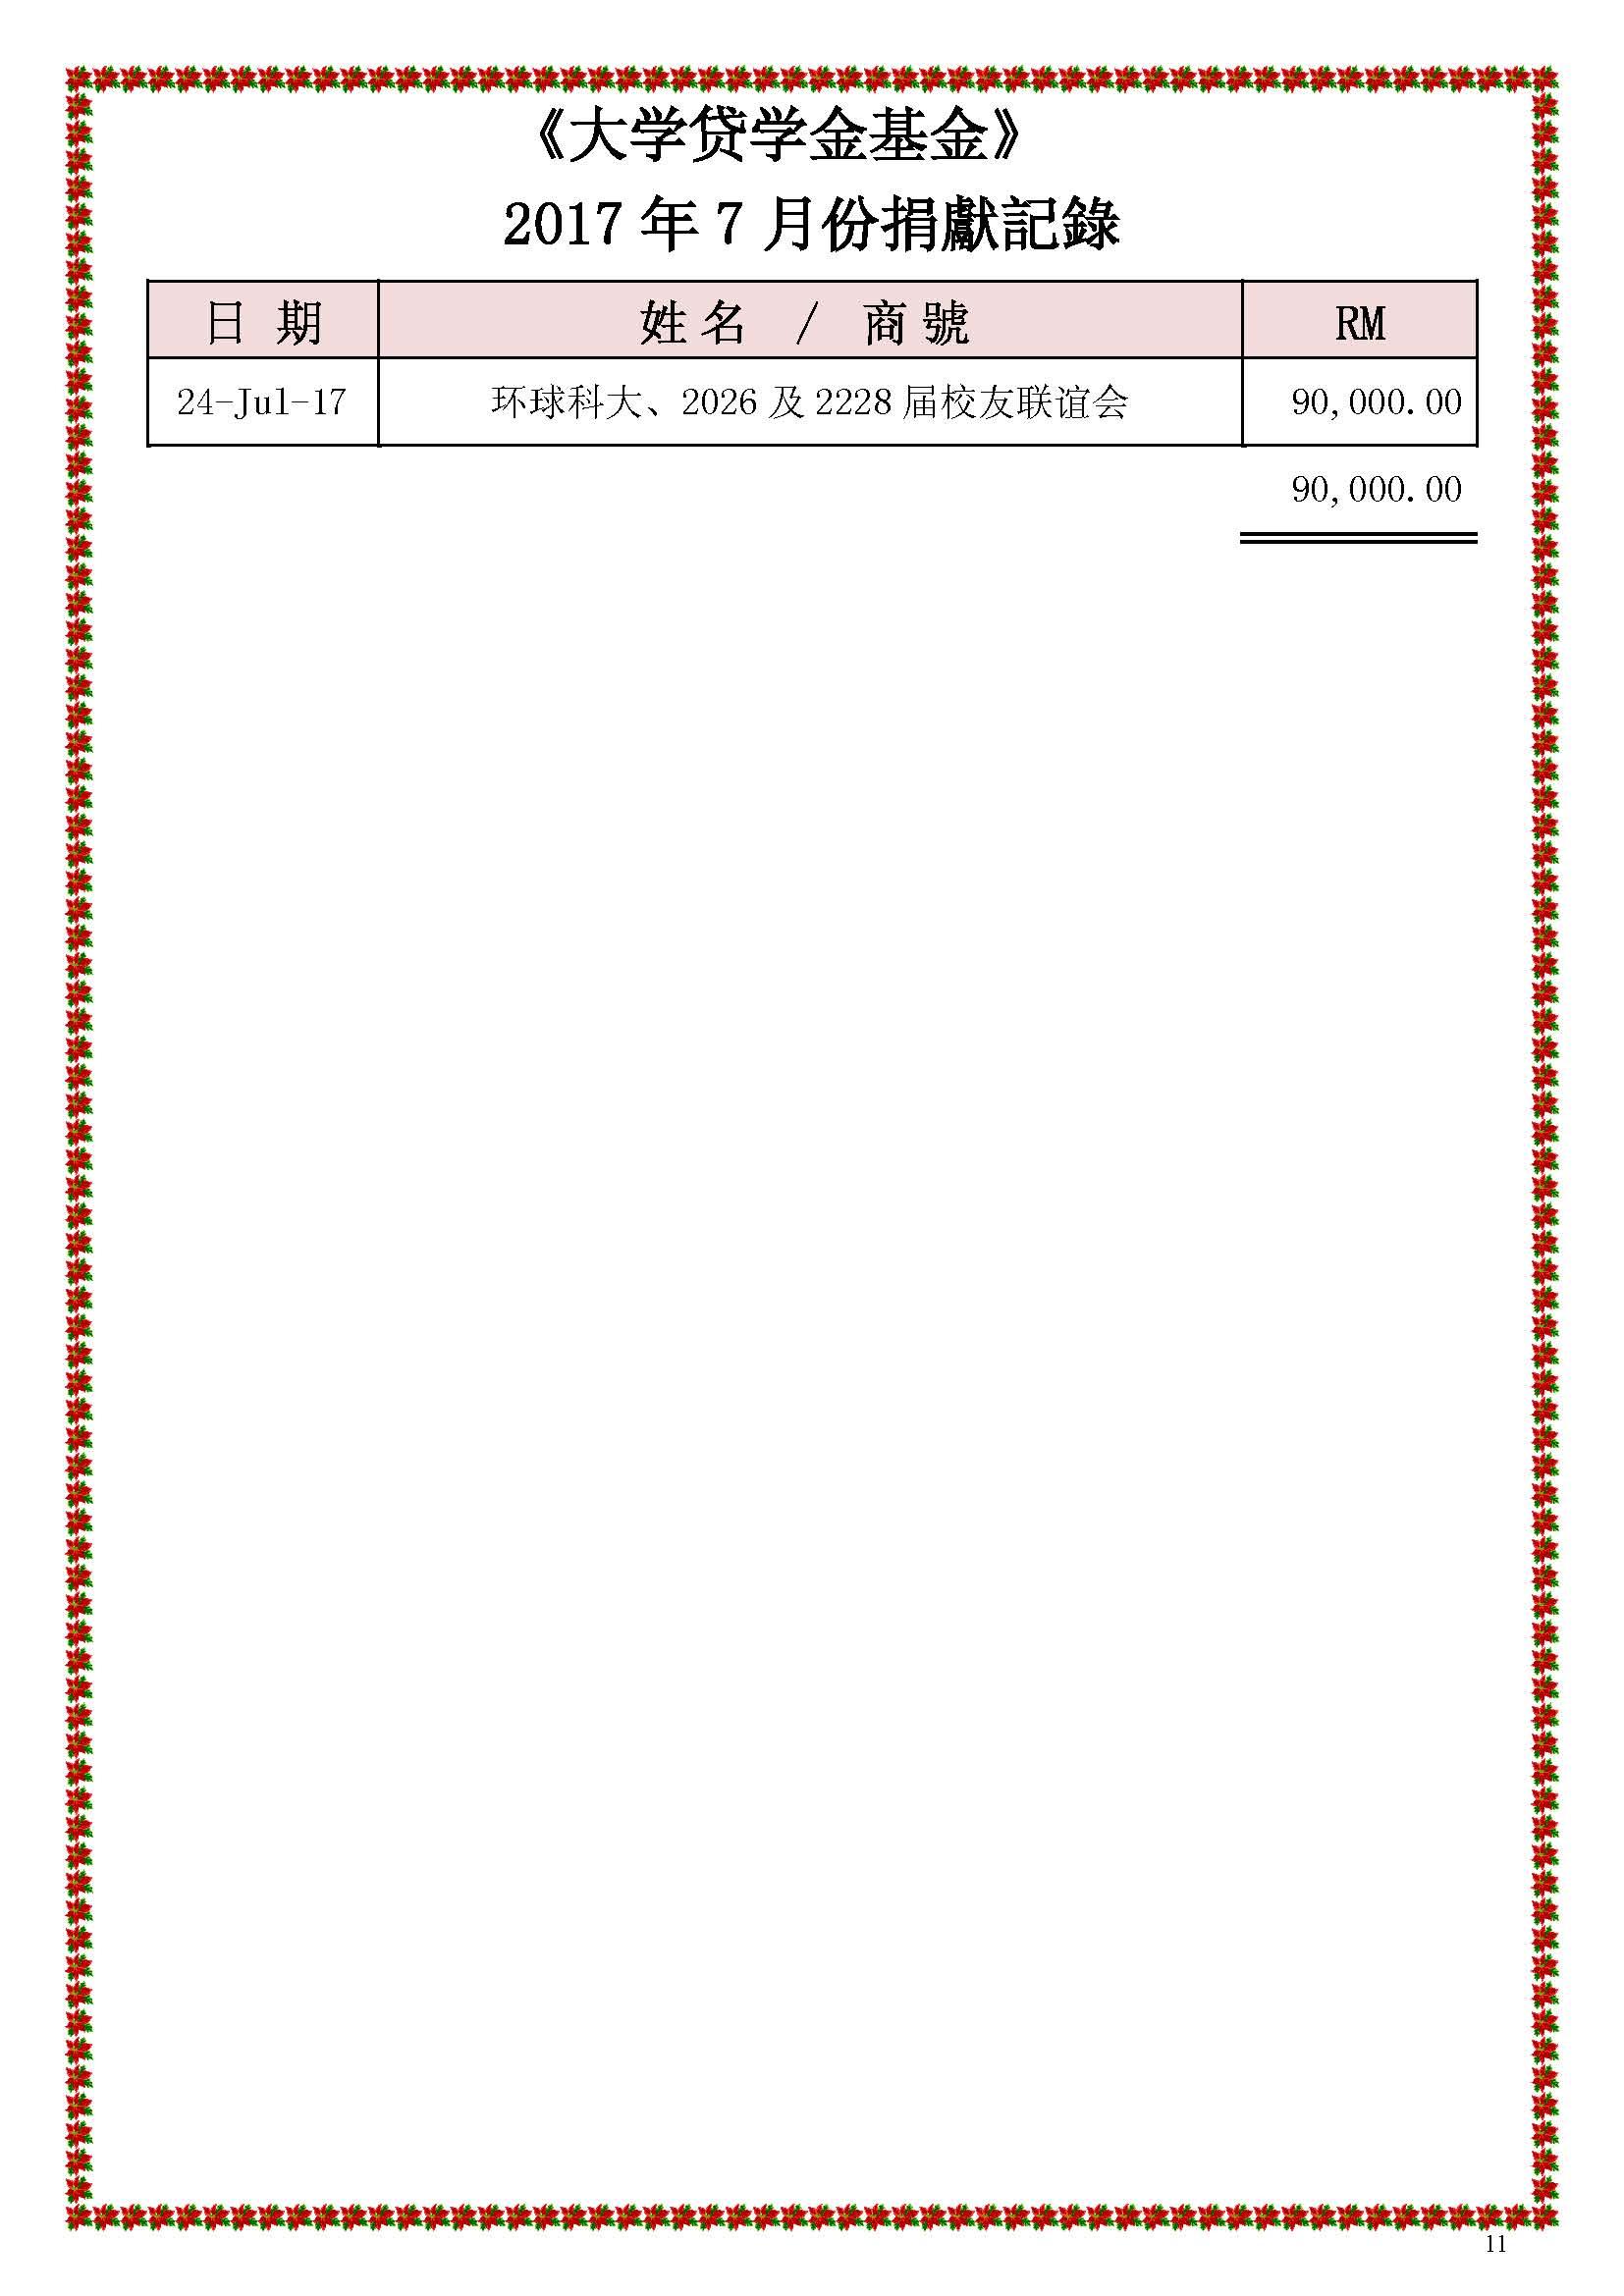 2017年7月份捐獻記錄PDF_页面_11